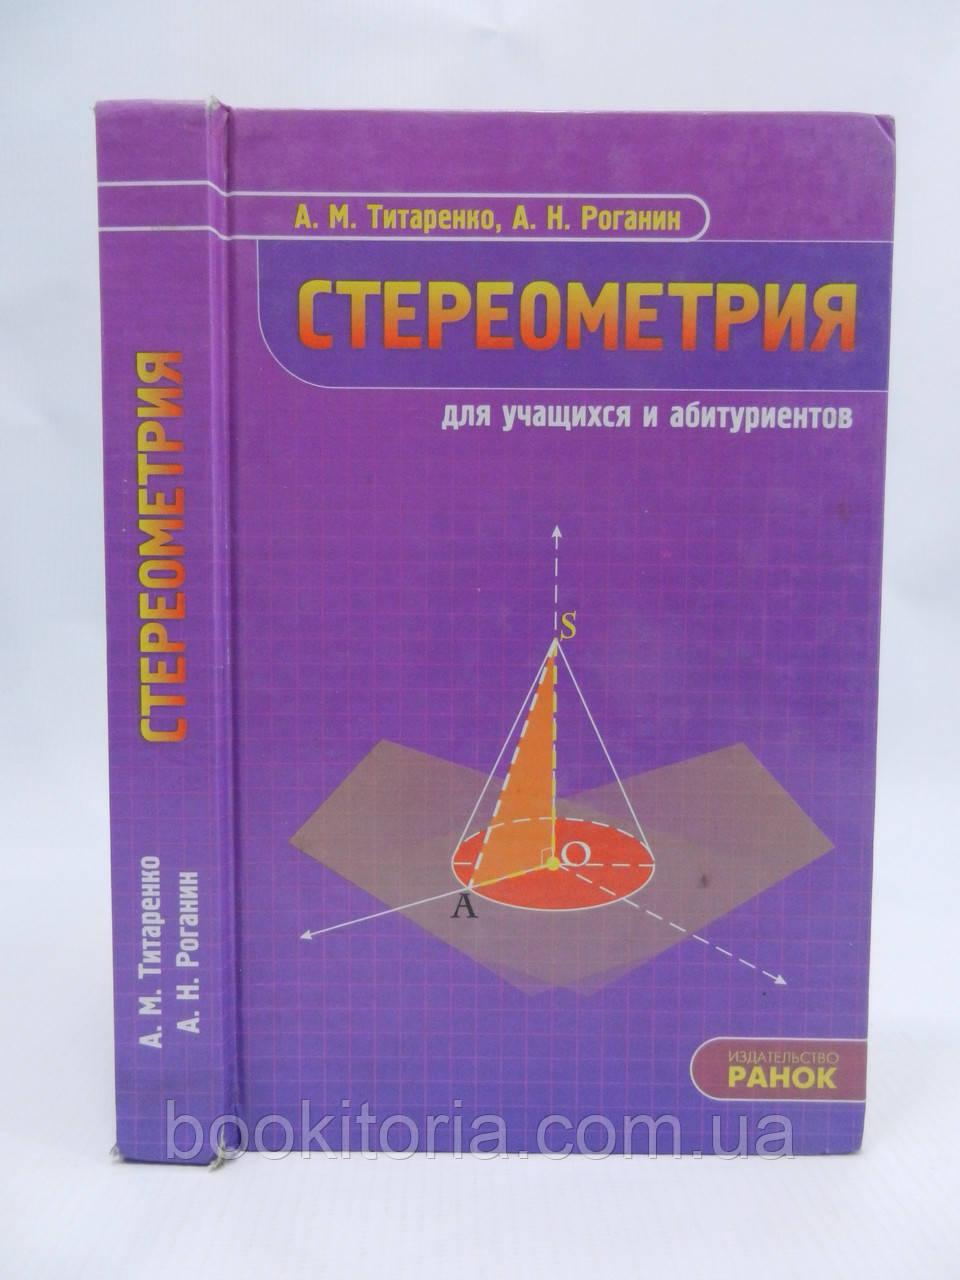 Титаренко А.М., Роганин А.Н. Стереометрия (для учащихся и абитуриентов) (б/у).